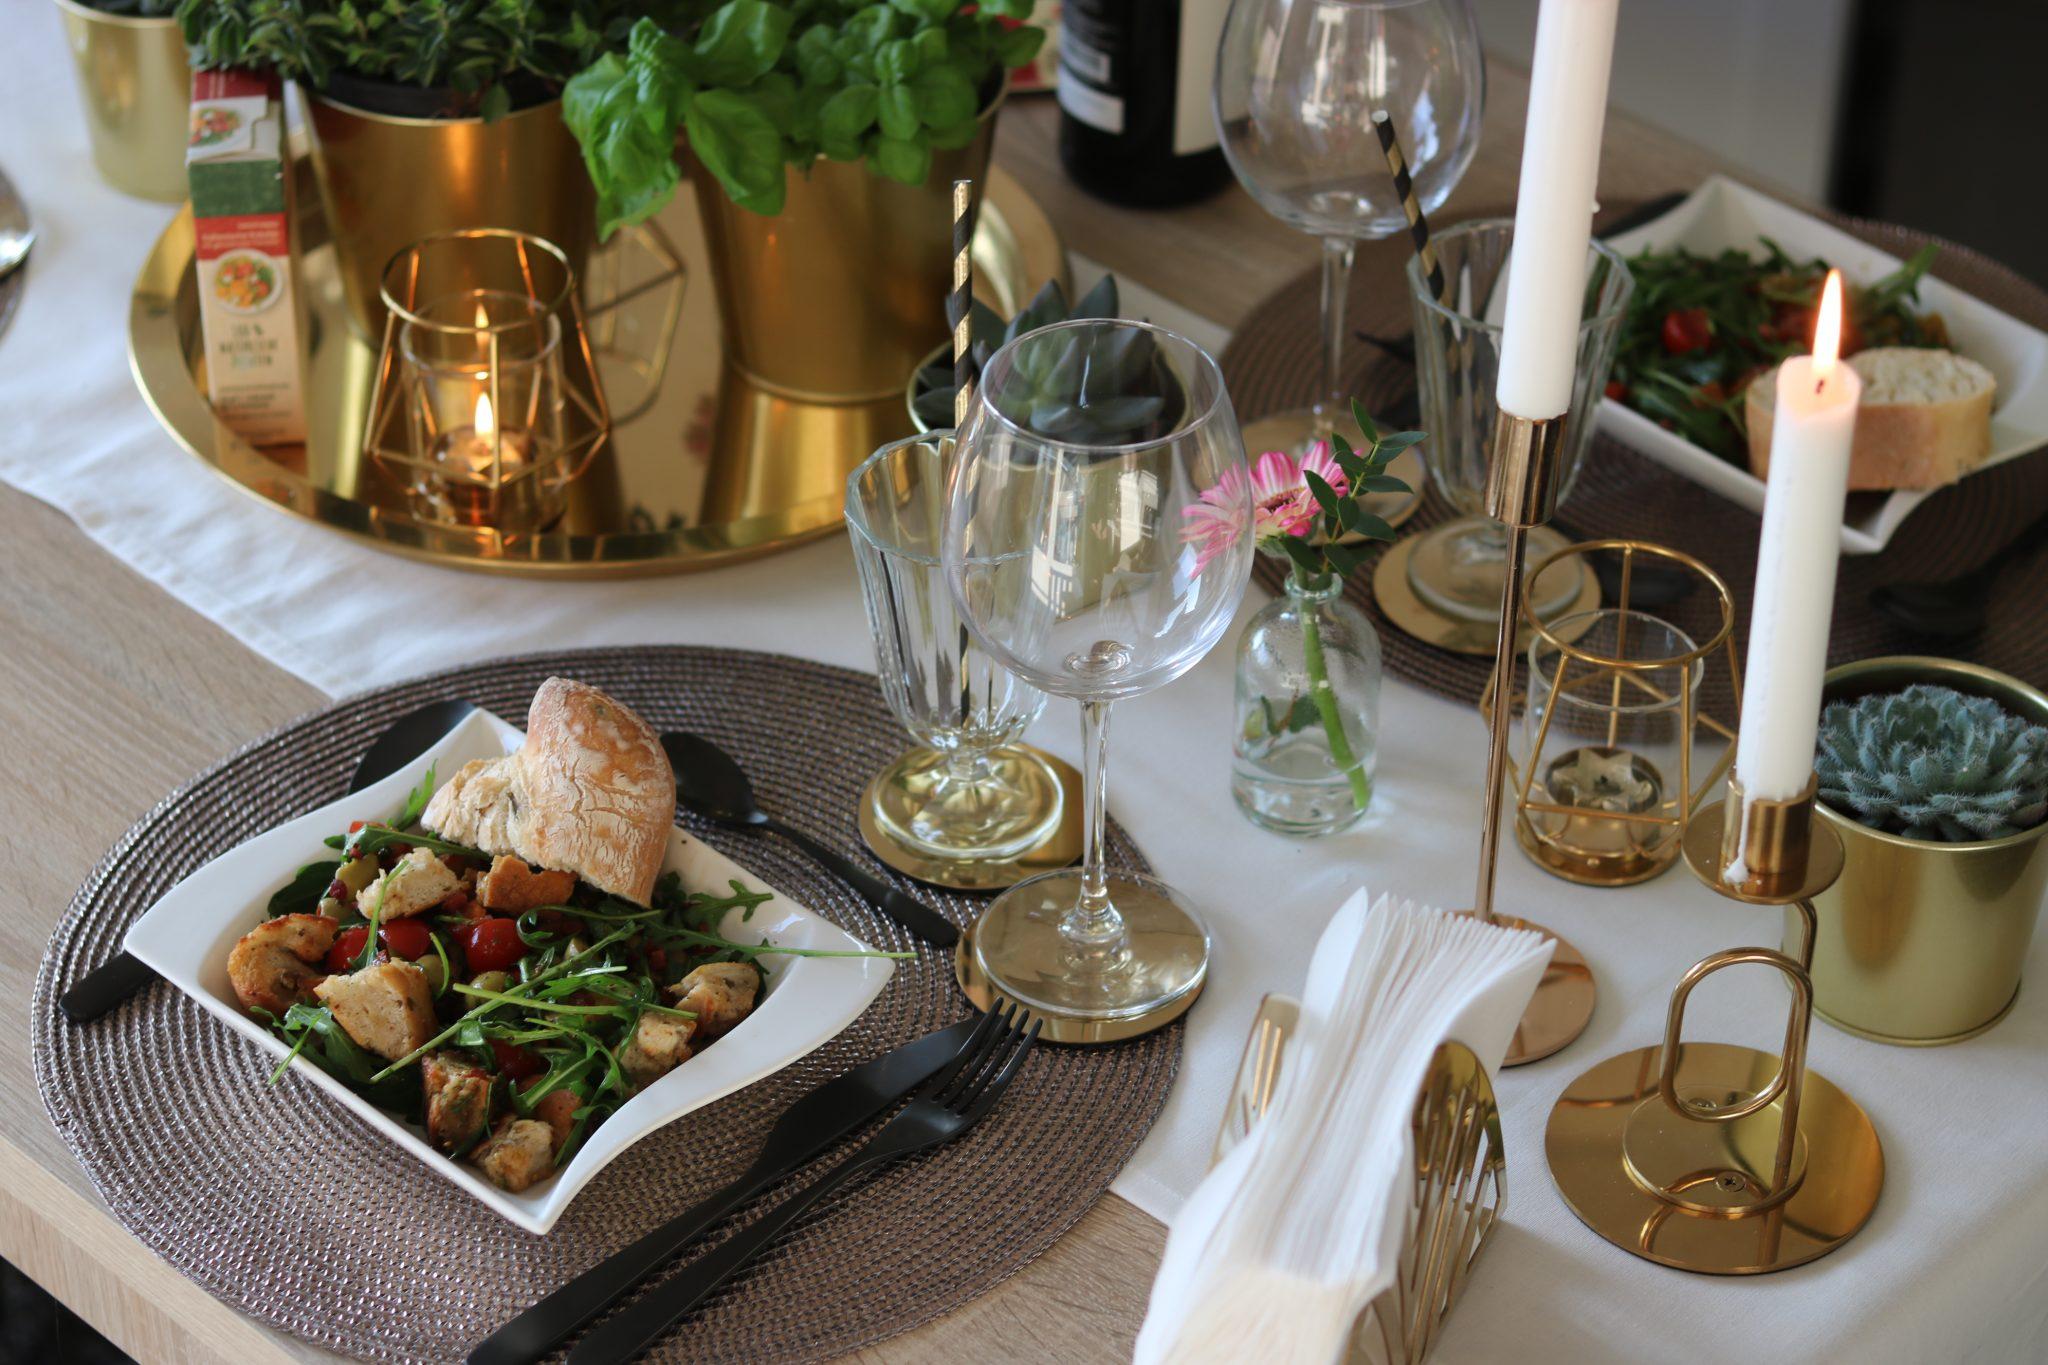 knorr-natürlich-lecker-fix-produkte-brot-salat-gedeckter-tisch-gold